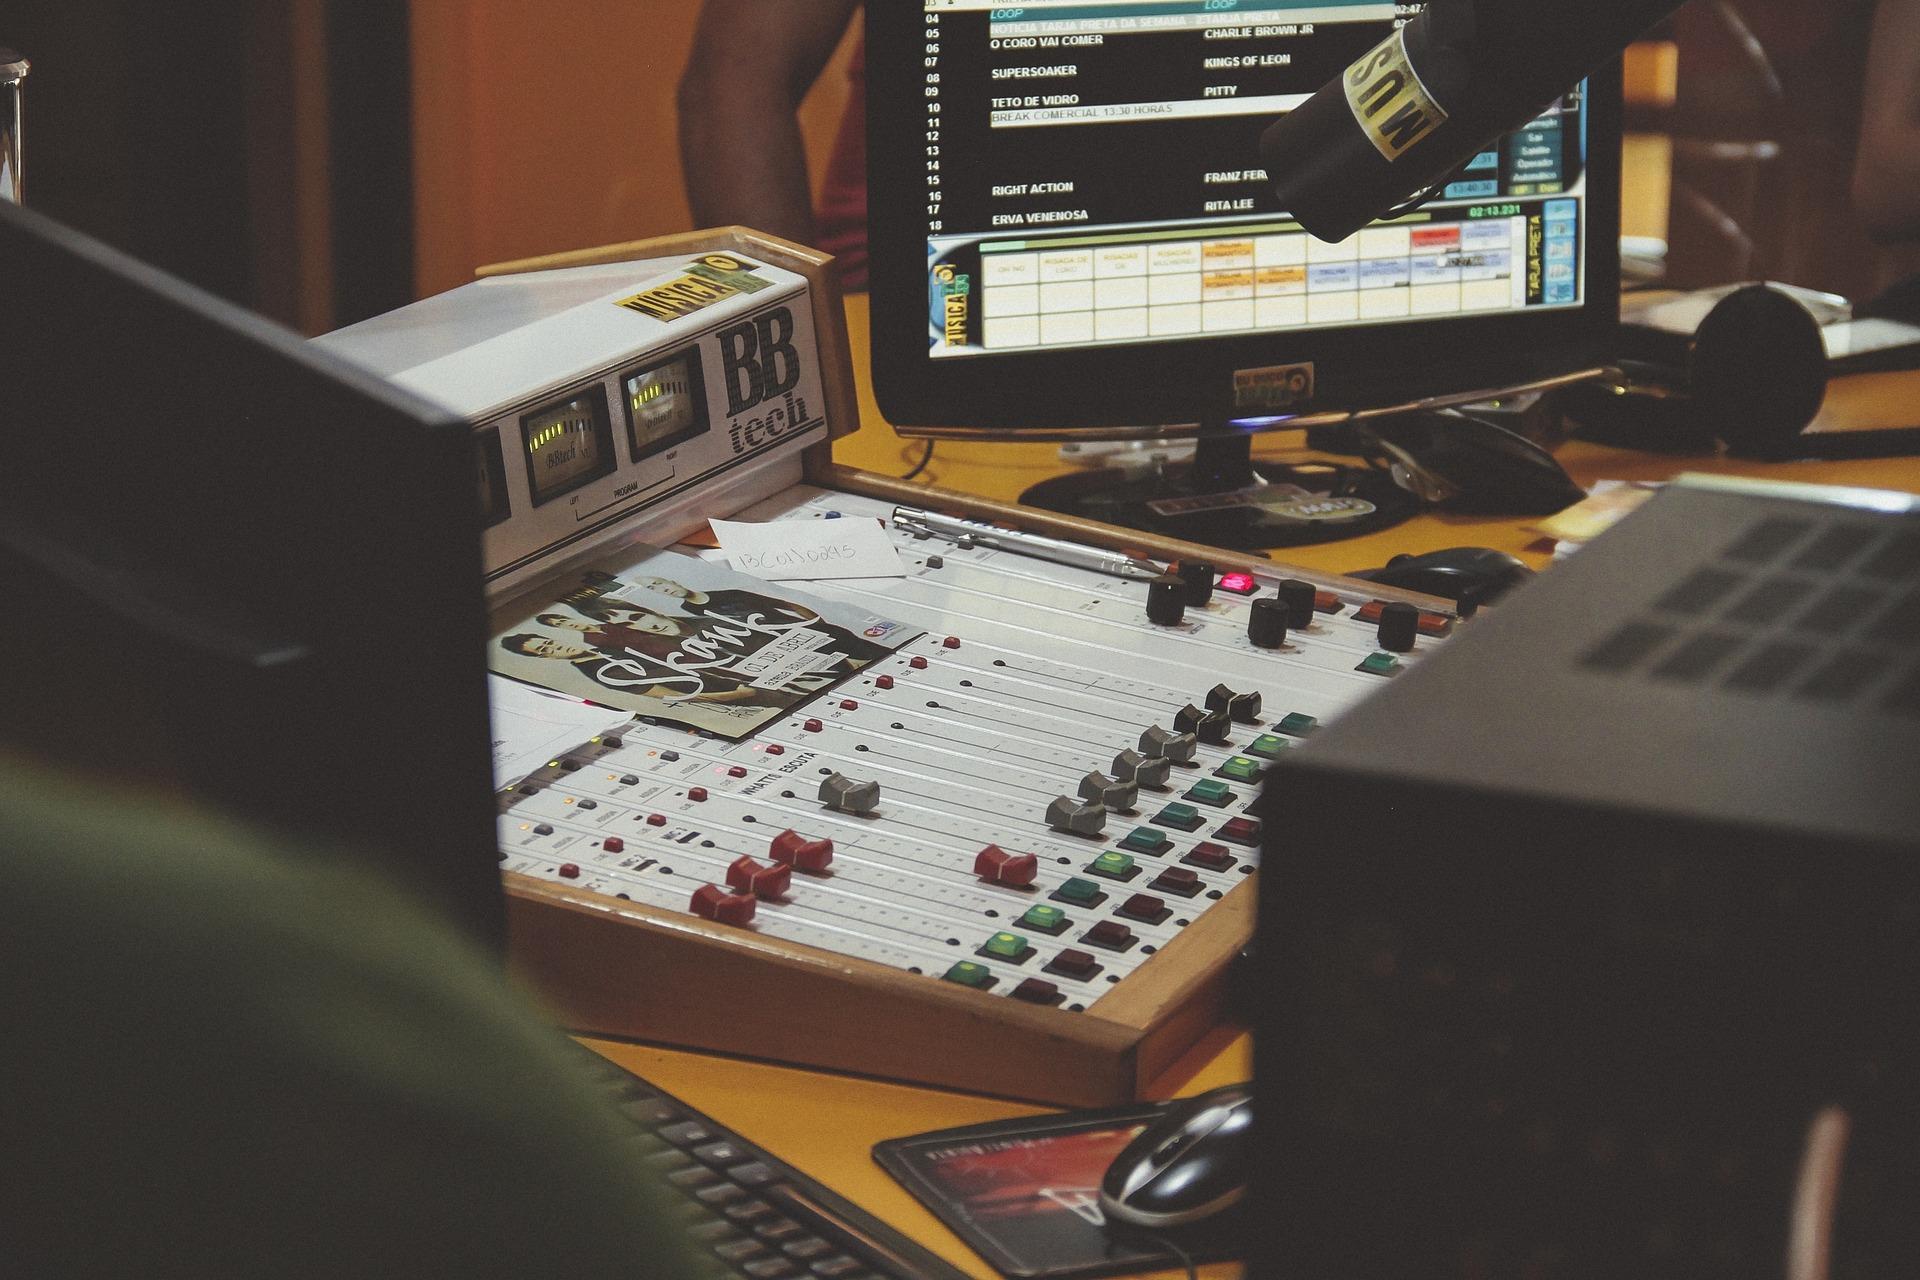 audio enginner's work desk